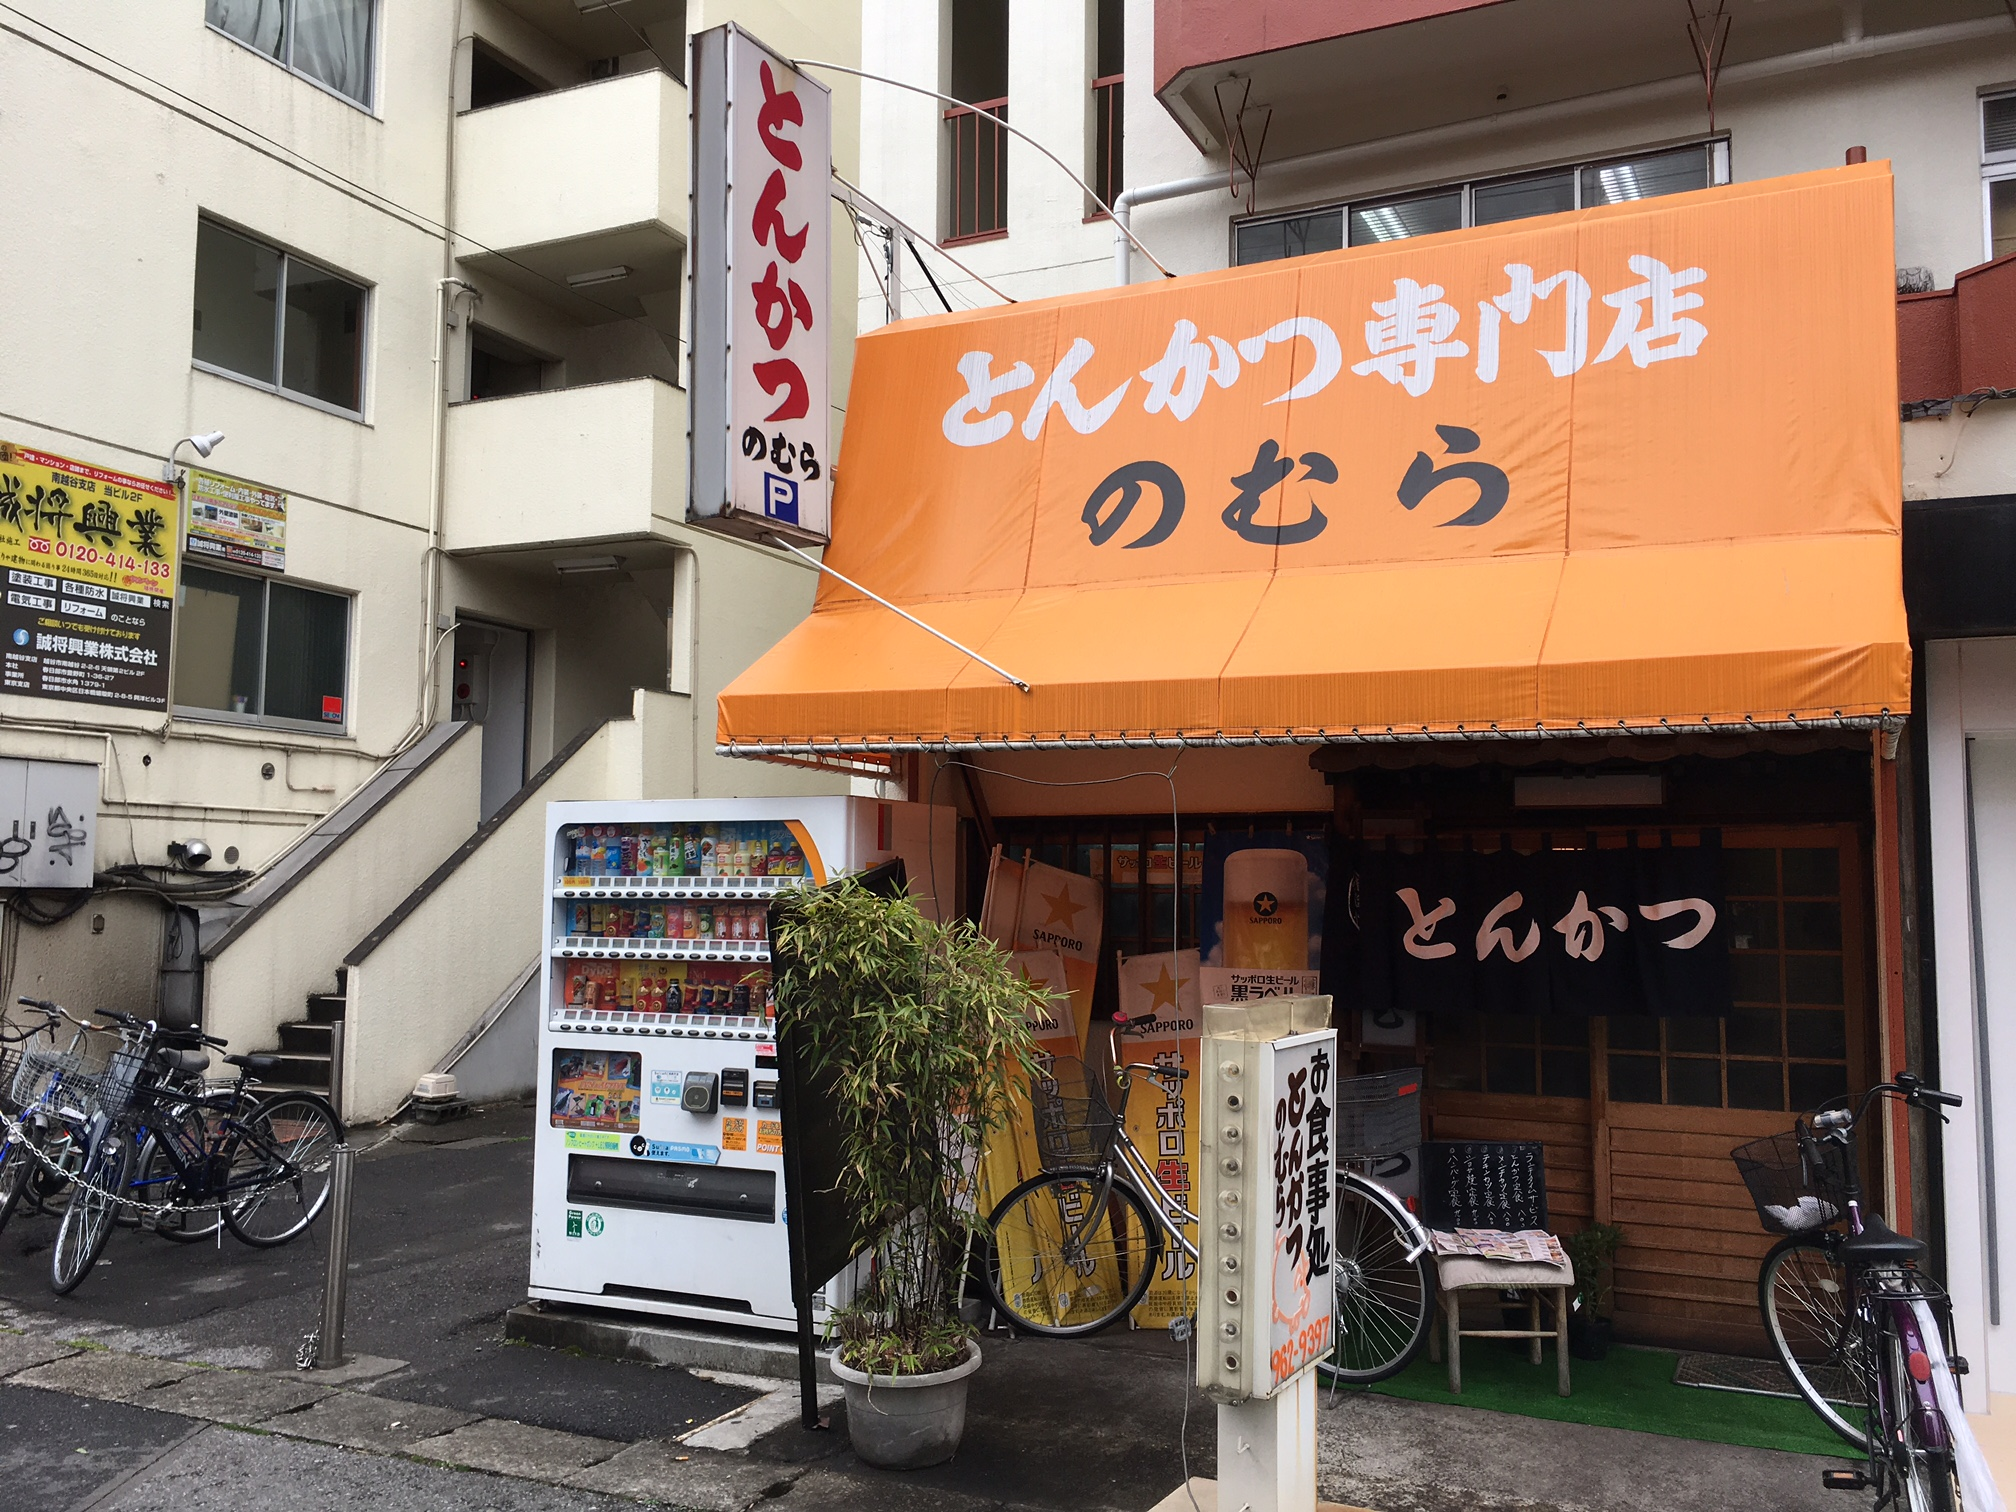 のむら (埼玉県越谷市/とんかつ)